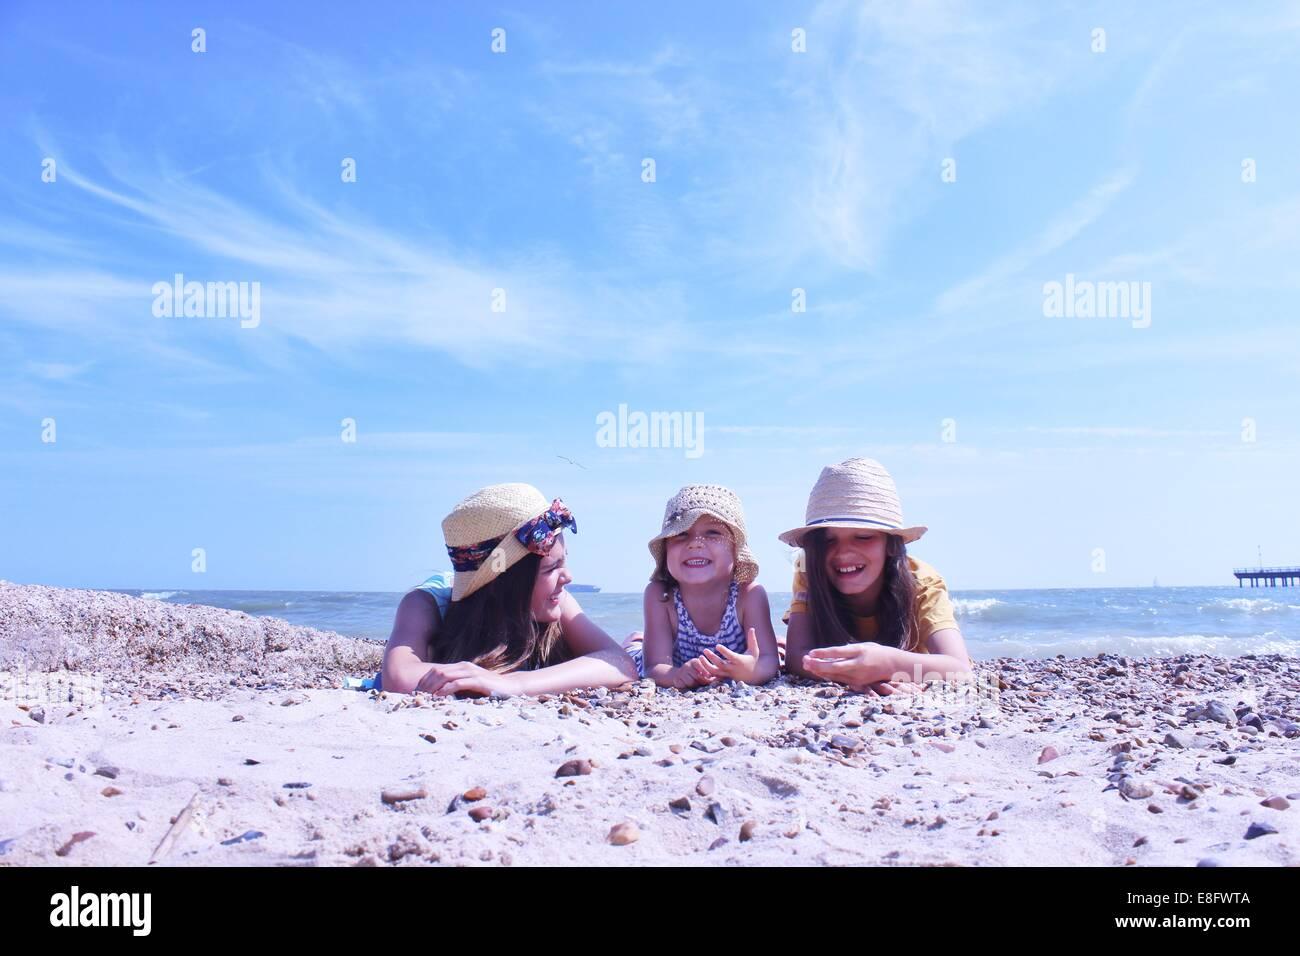 Drei Mädchen am Strand liegen an ihrer Vorderseite Stockbild